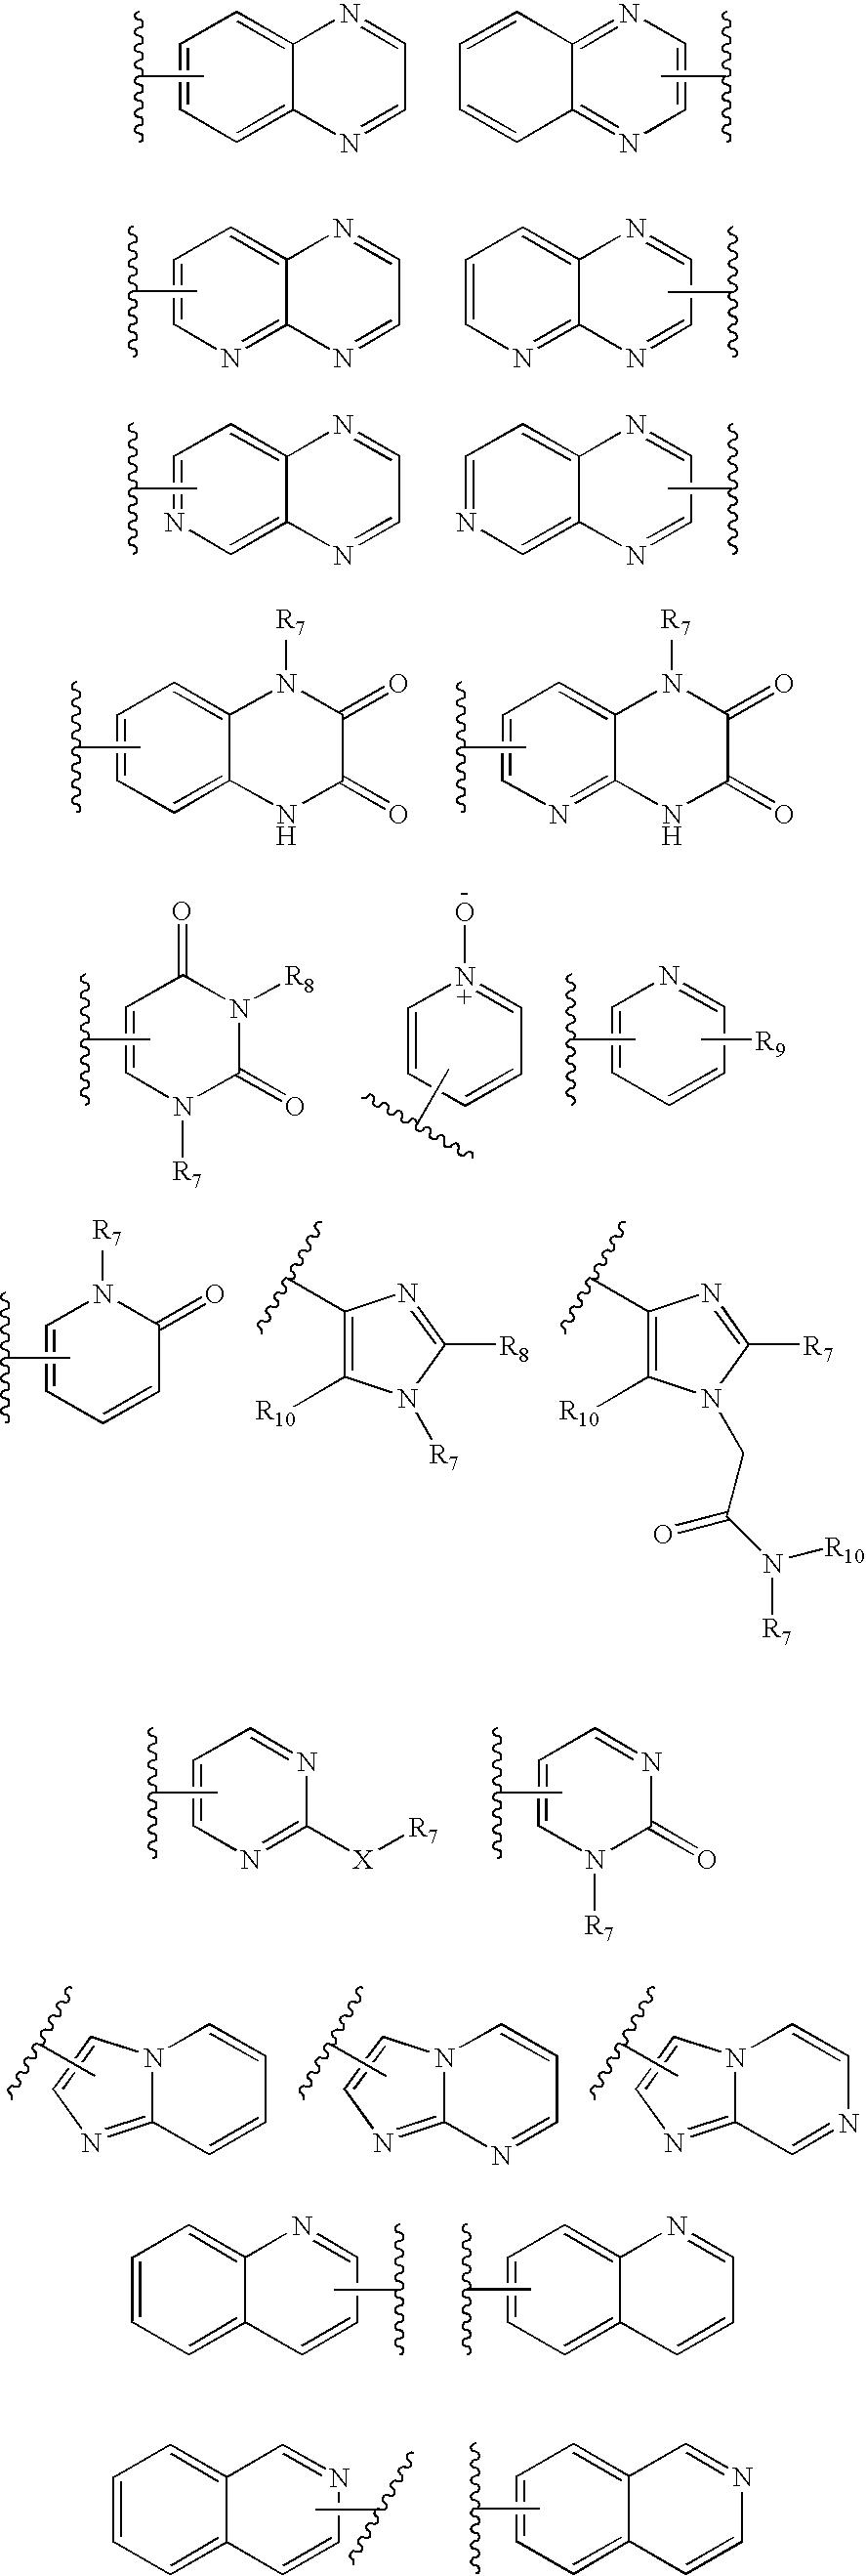 Figure US07531542-20090512-C00003